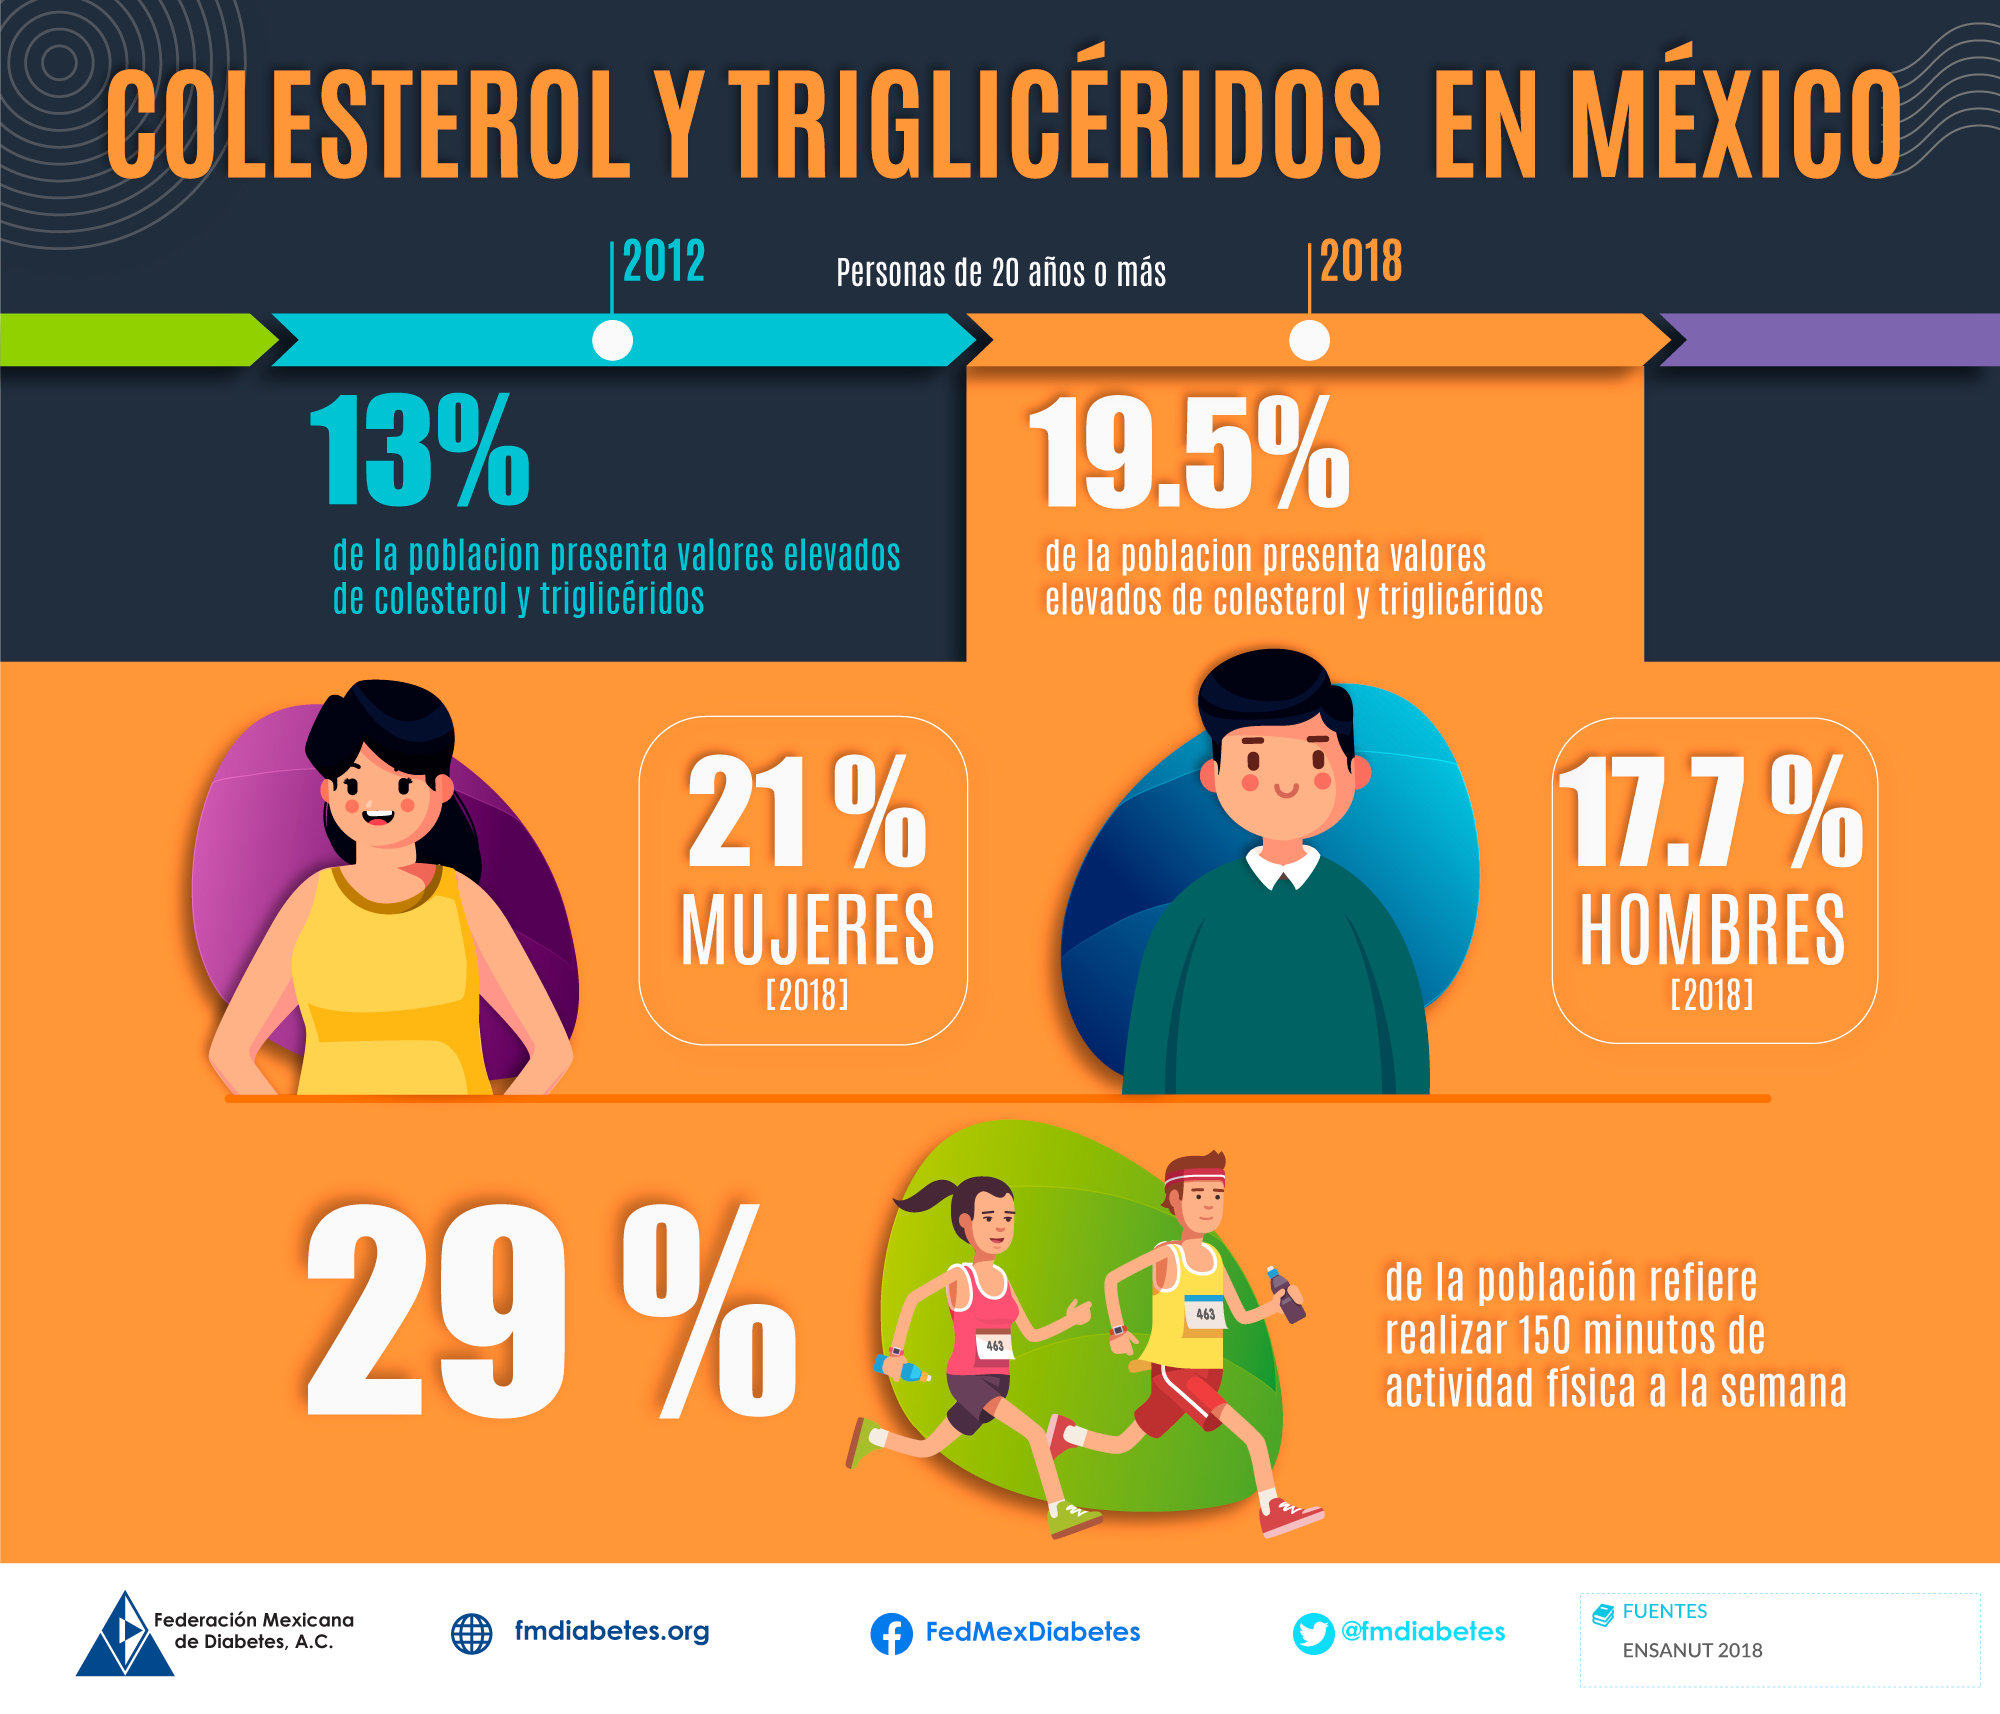 Colesterol y triglicéridos en México